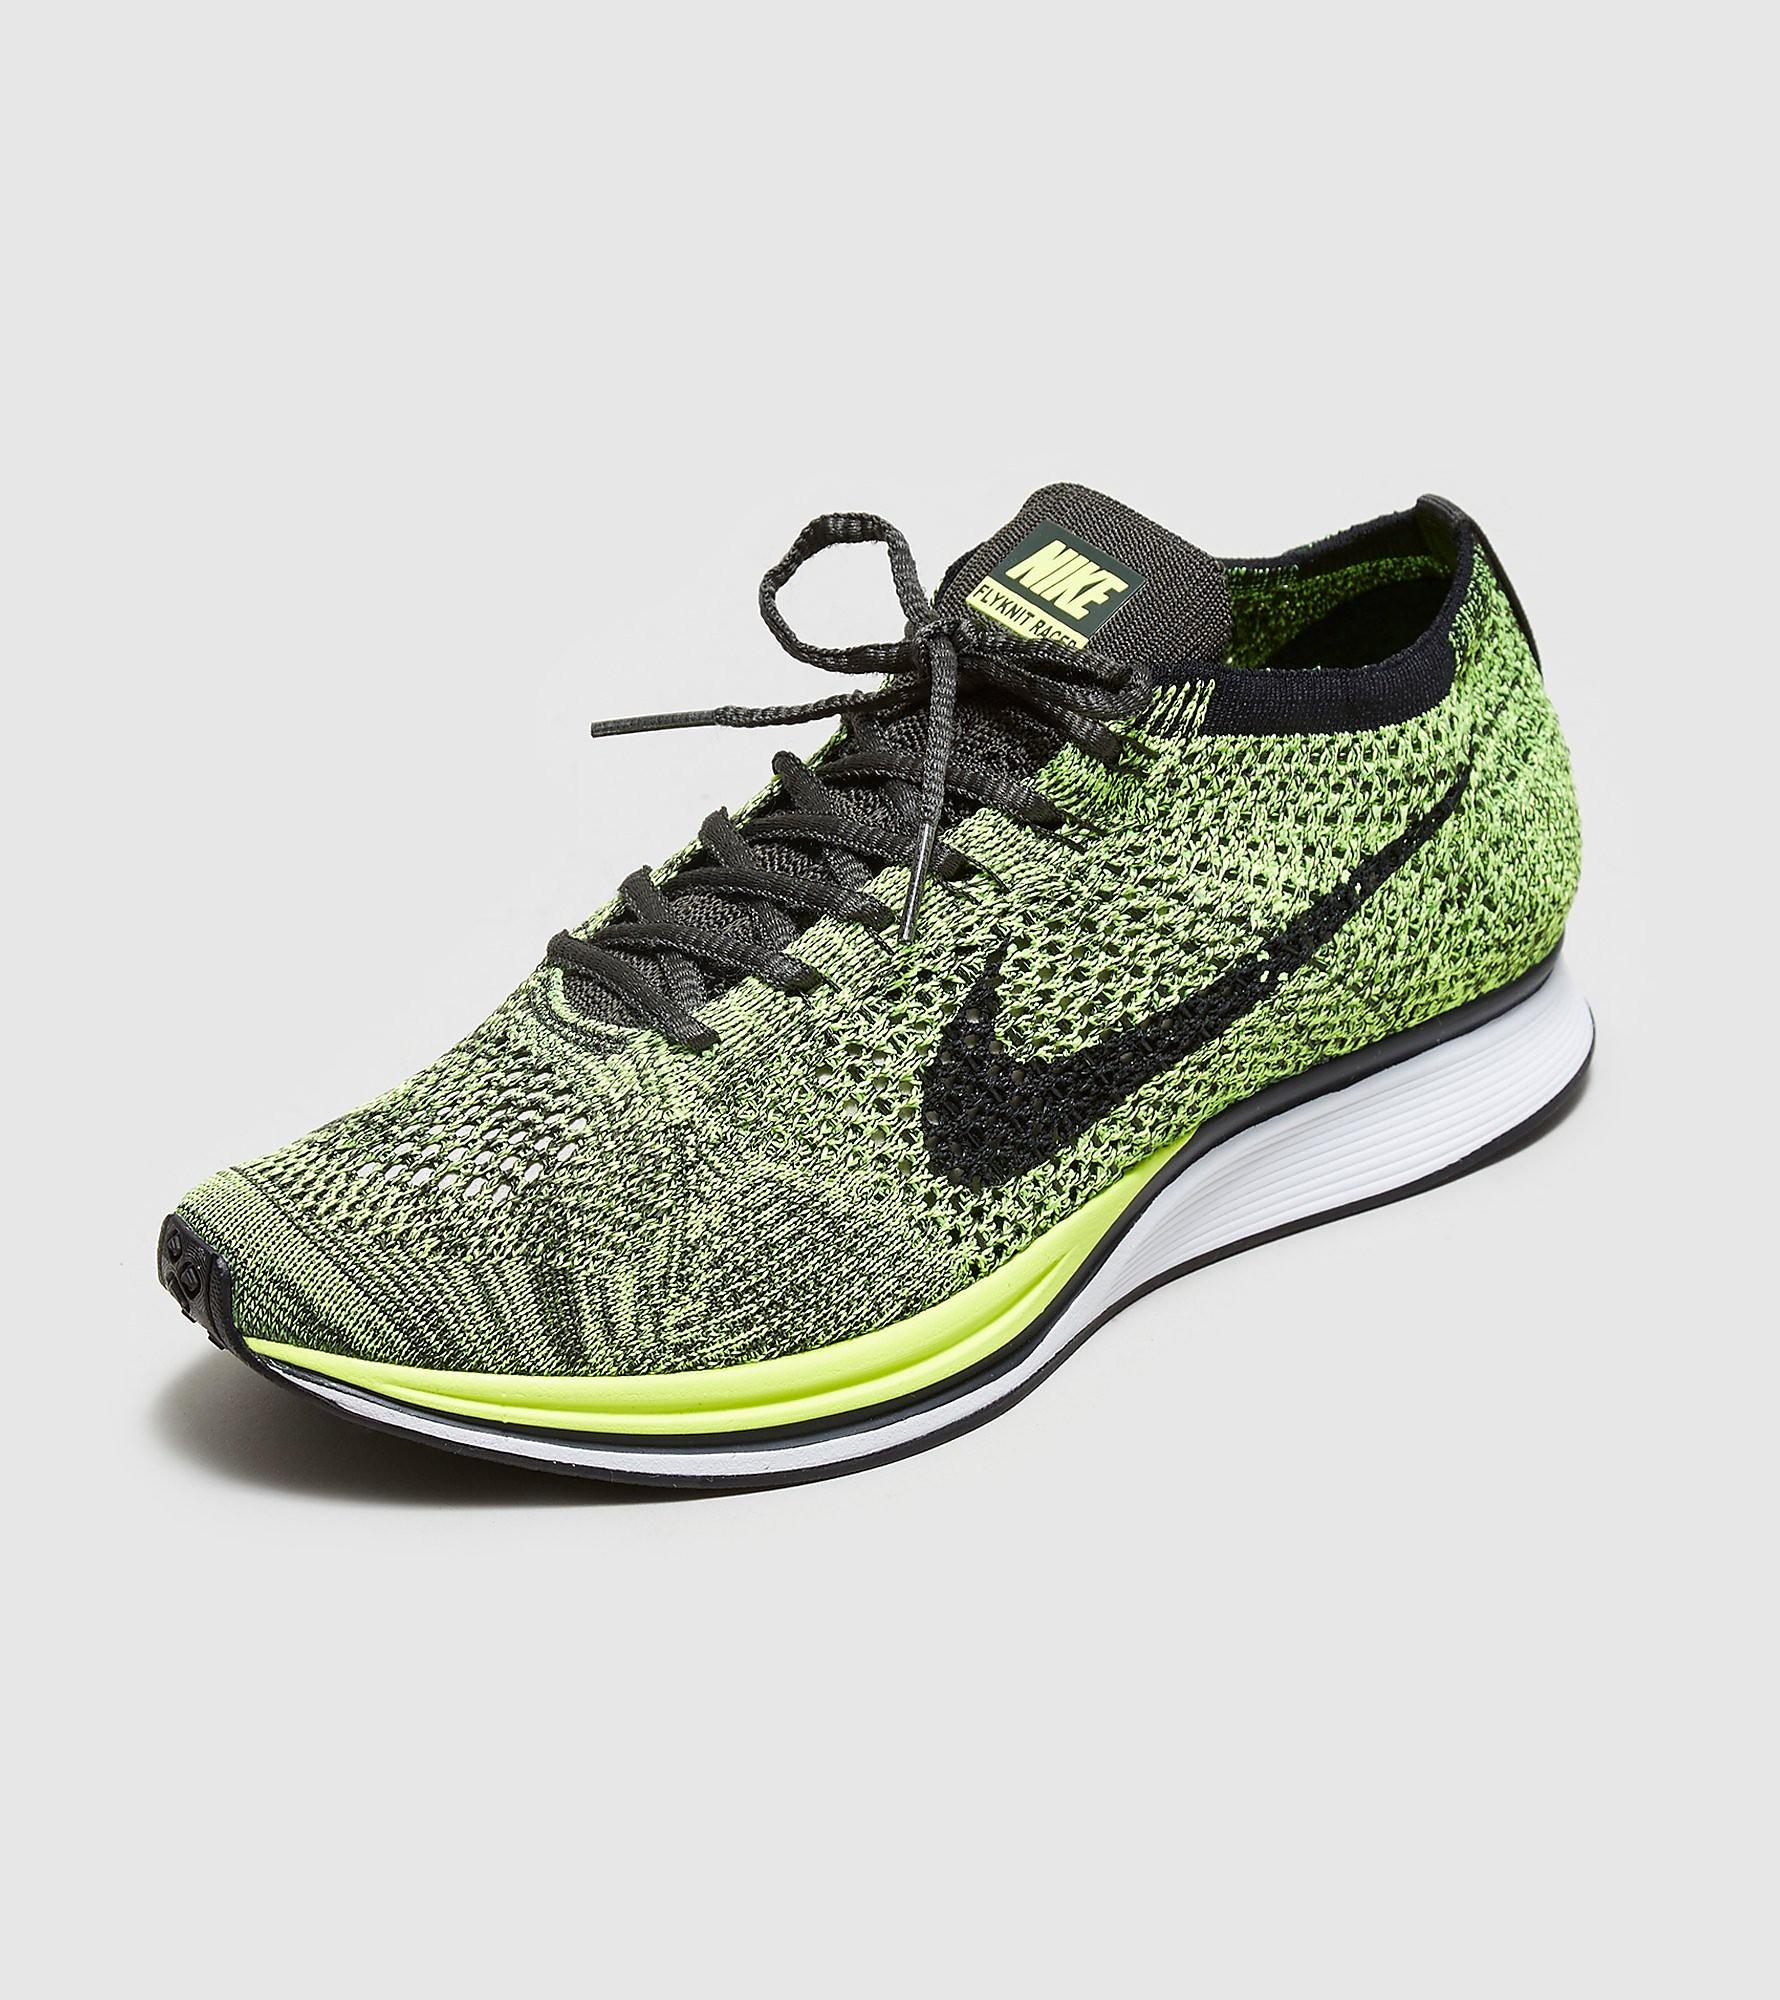 Nike Flyknit Racer Women's